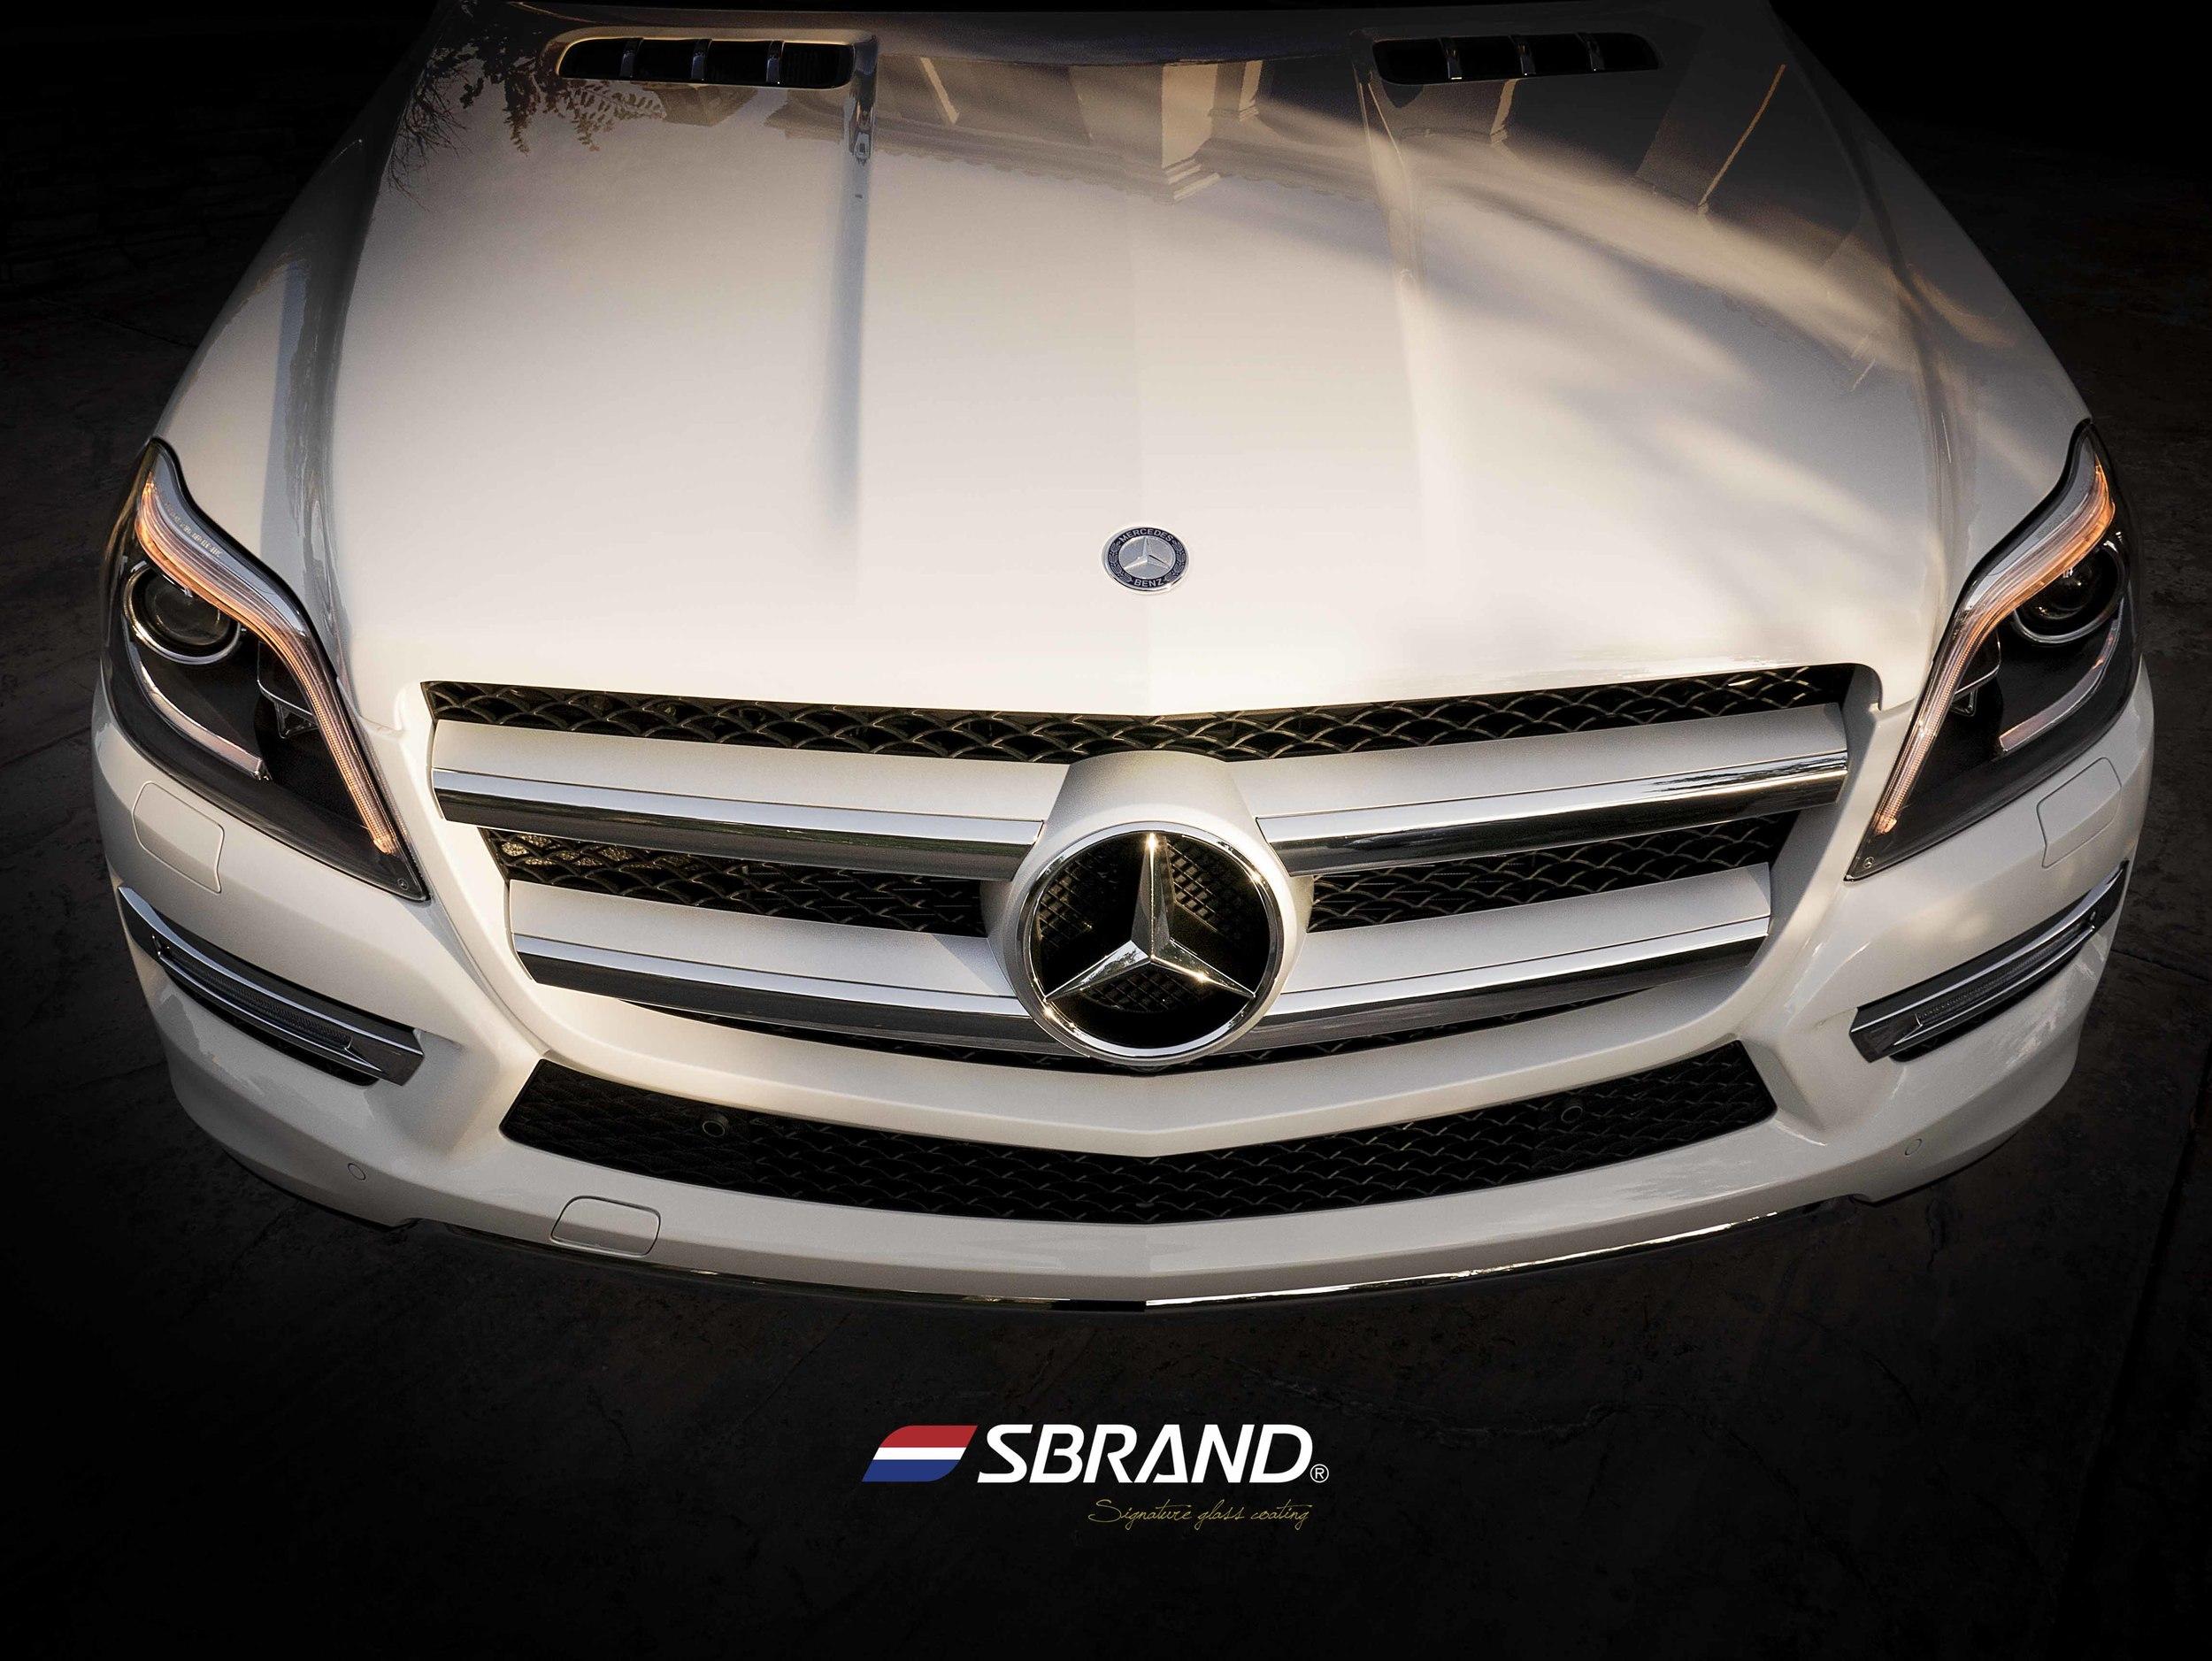 SBRNAD Signature Glass Coating Mercedes